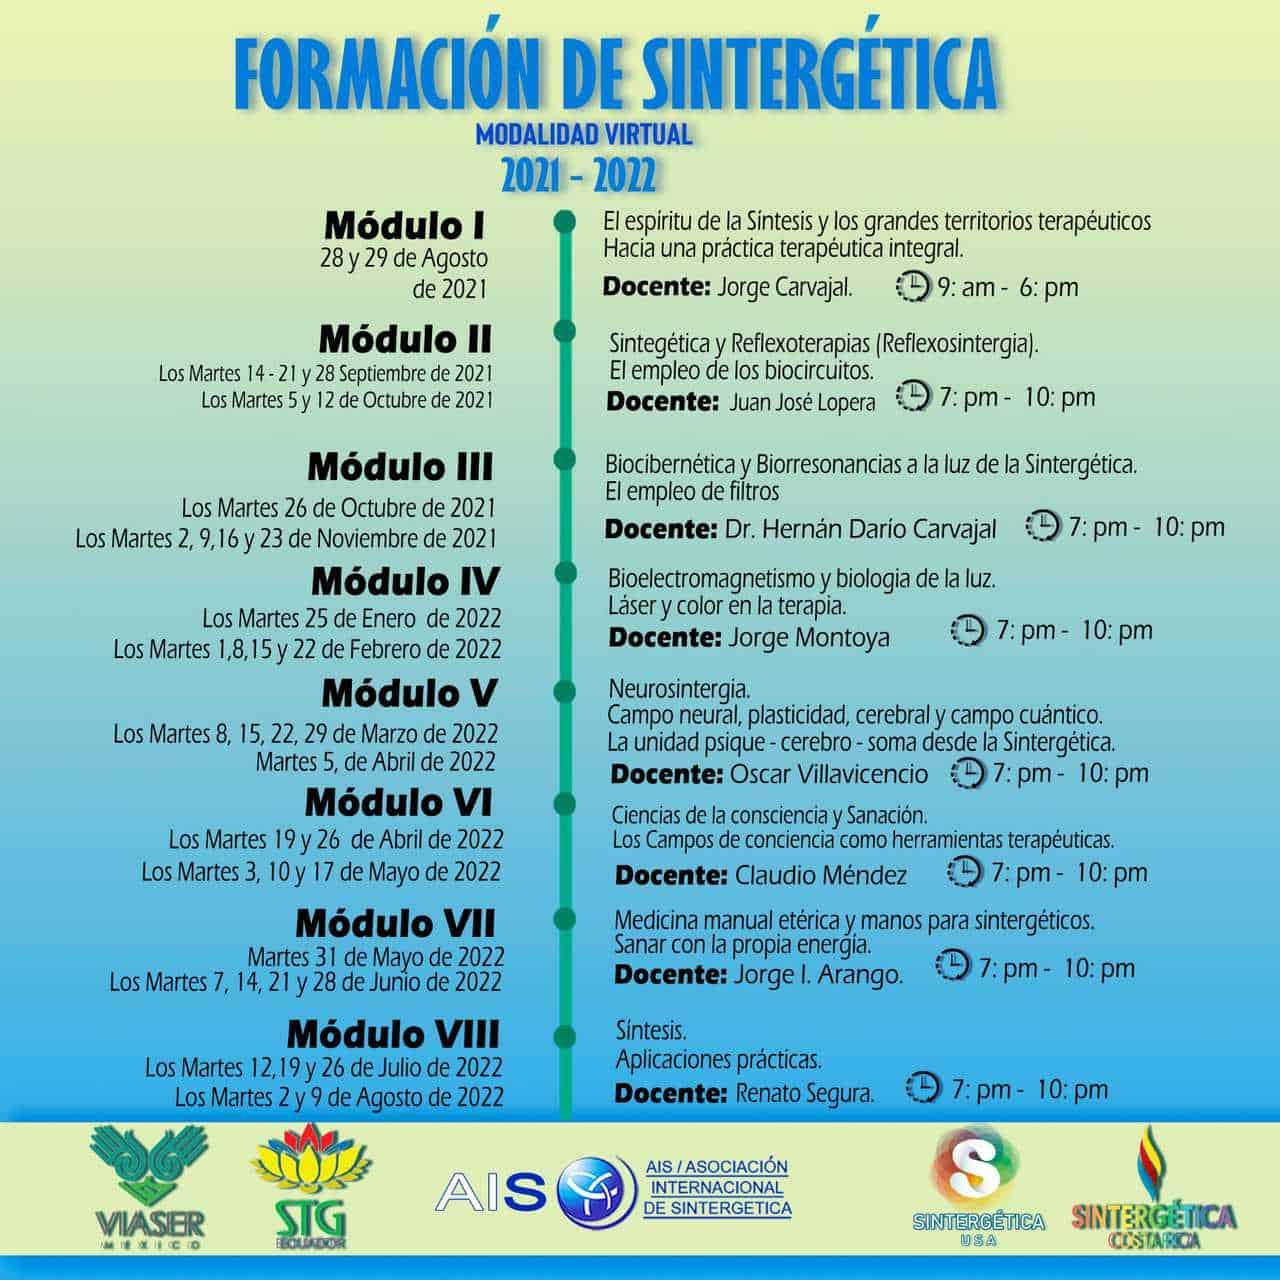 Formación SINTERGÉTICA USA – COSTA RICA – ECUADOR – MÉXICO  |  2021/2022 – Módulo 8 |  ONLINE